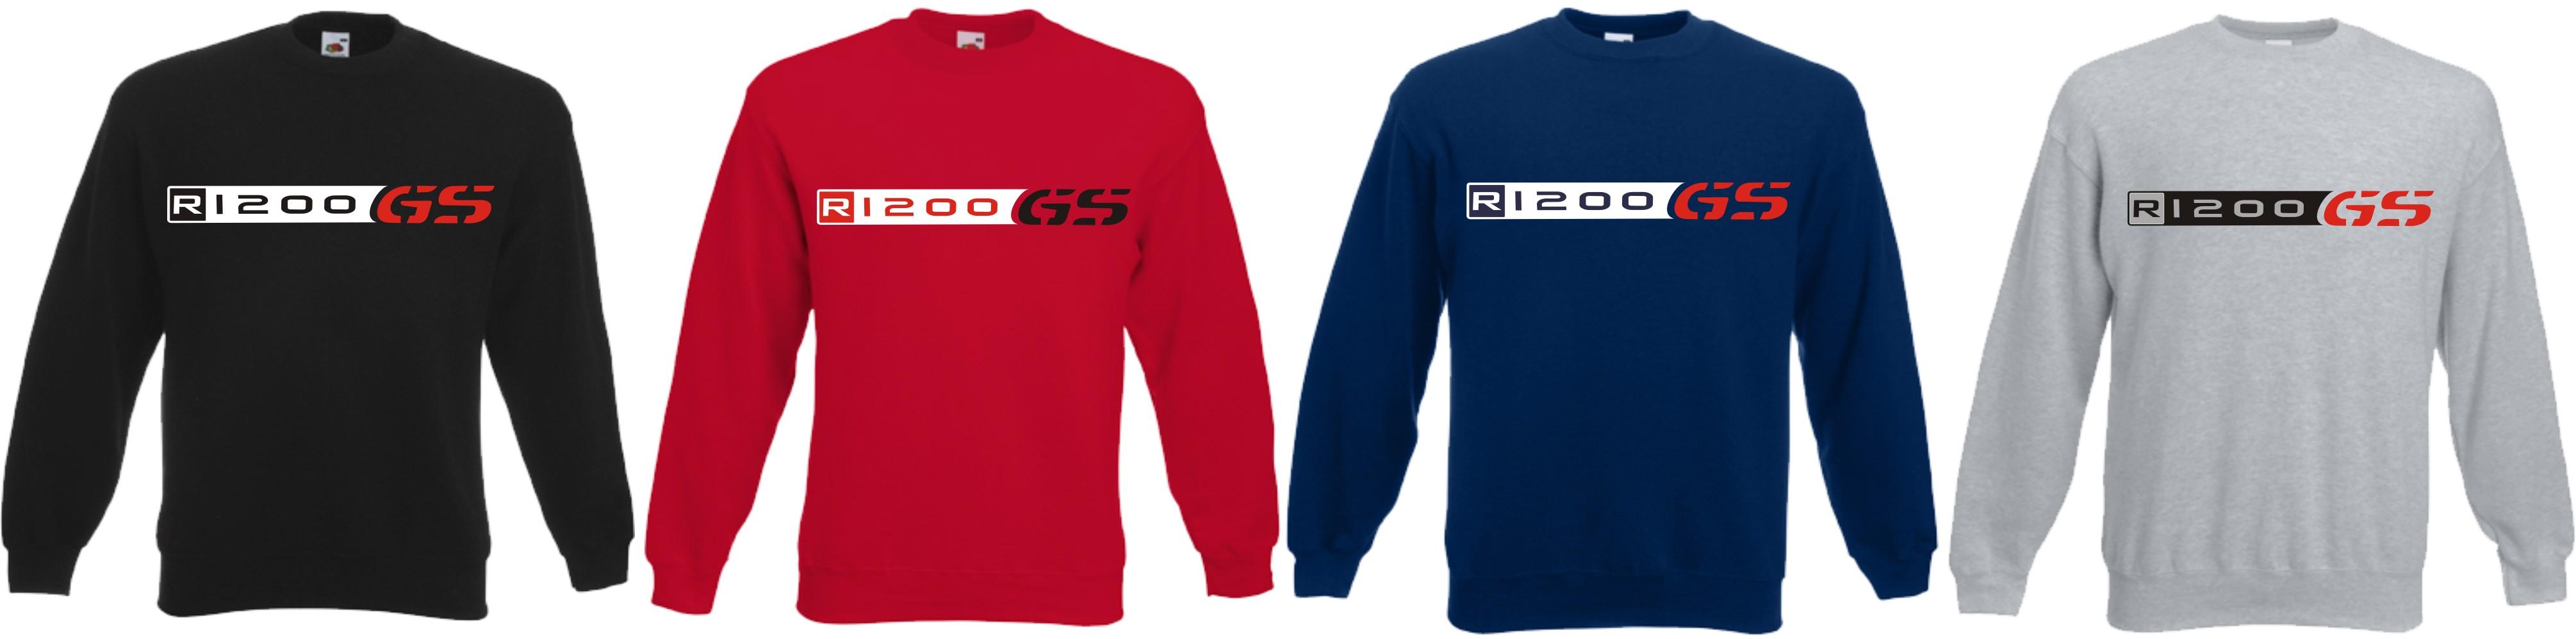 GS_2c_Sweater_alle_farben.jpg